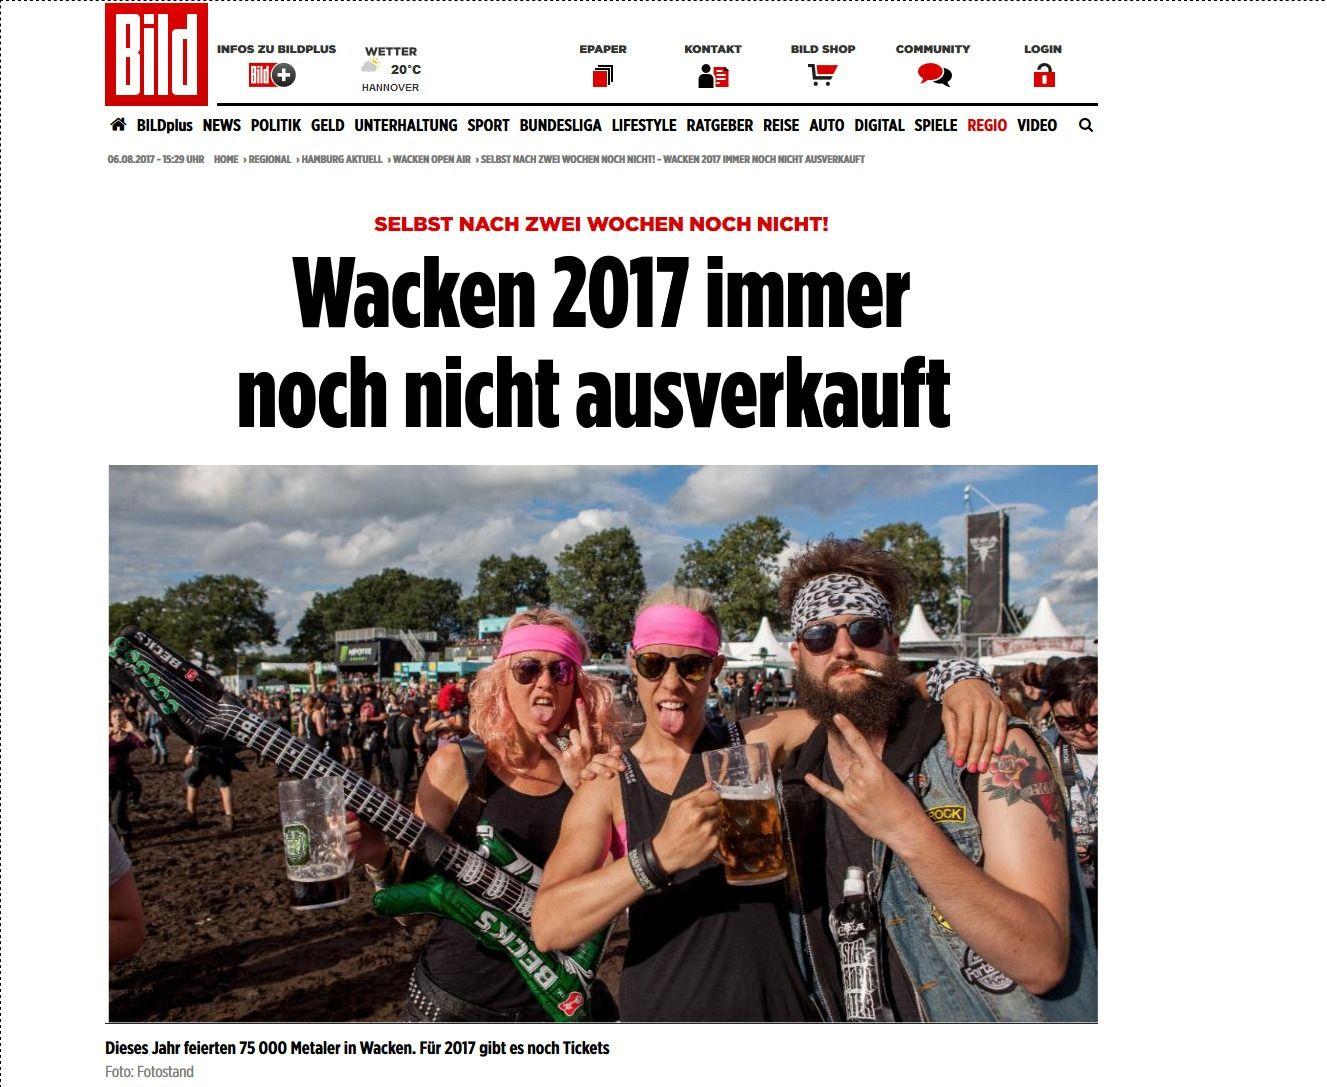 Selbst nach zwei Wochen noch nicht Wacken 2017 immer noch nicht ausverkauft Hamburg Bild.de